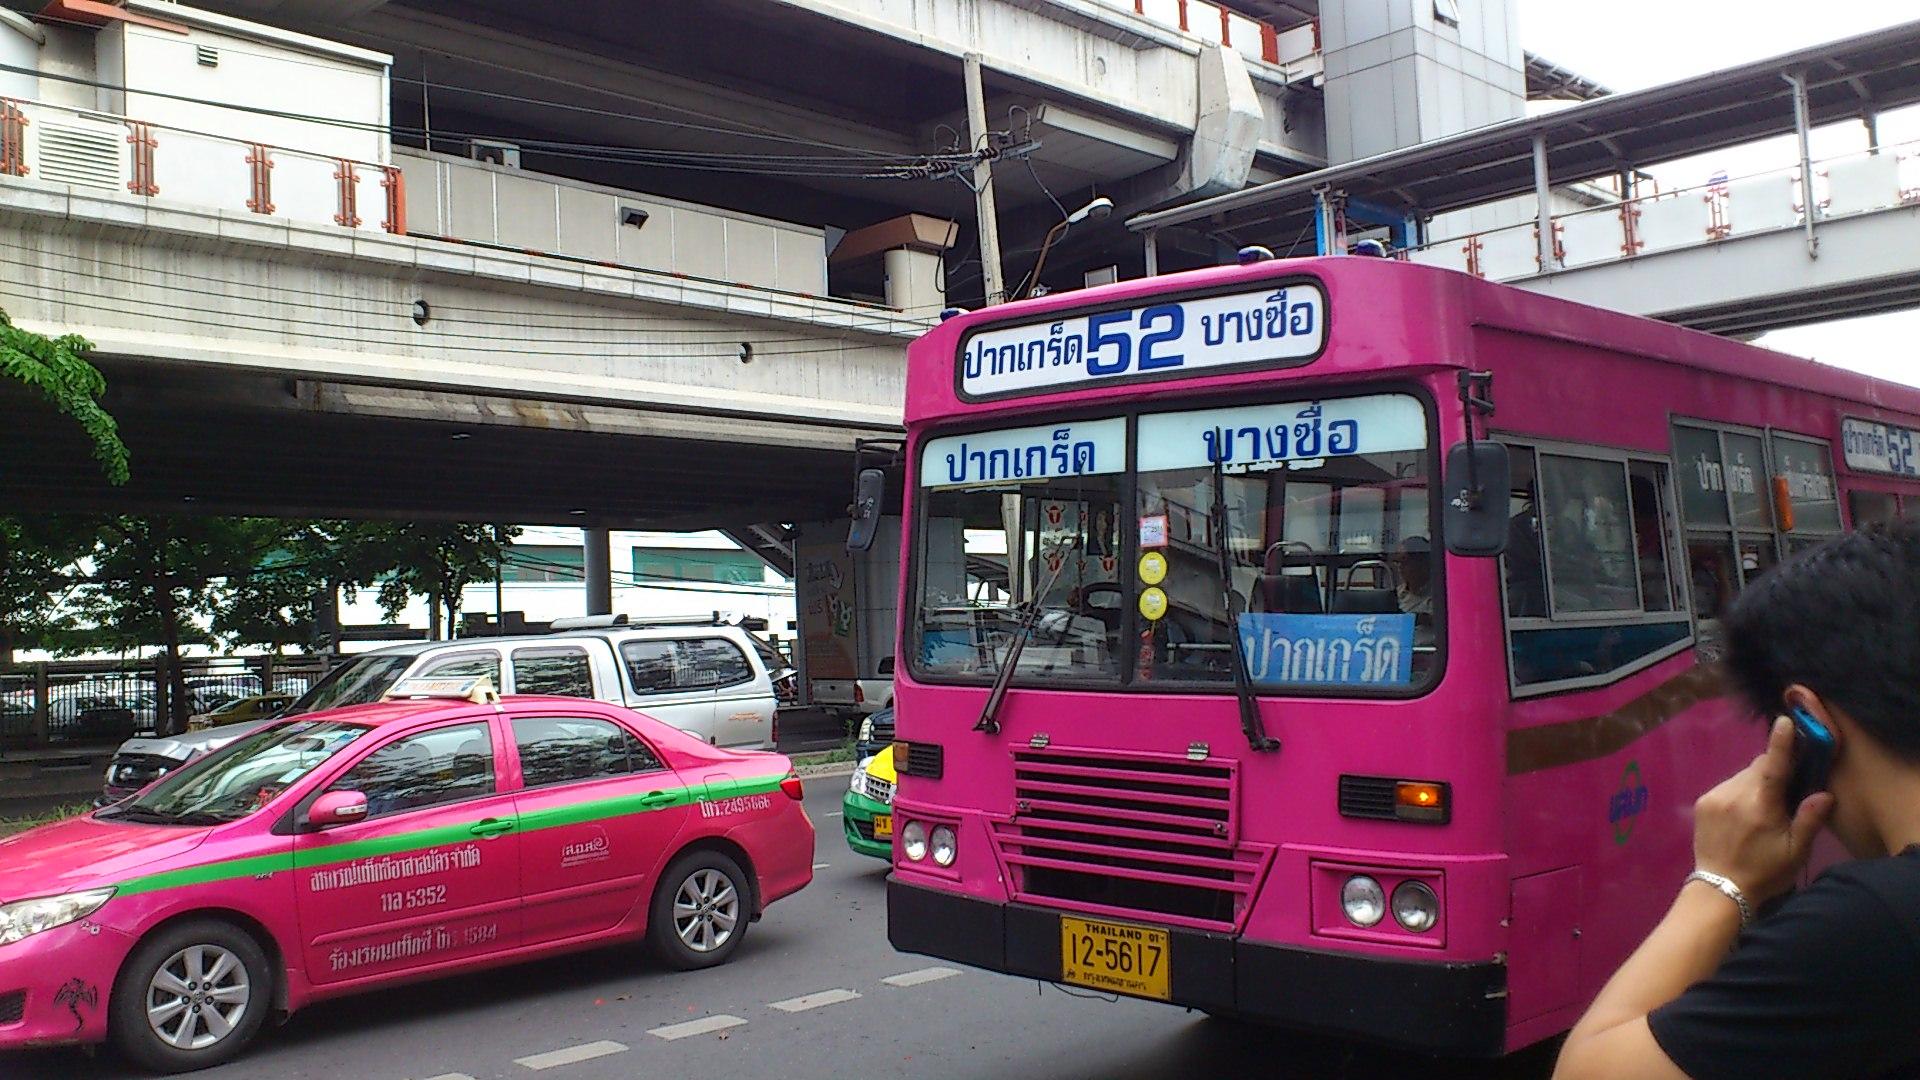 52番系統バス